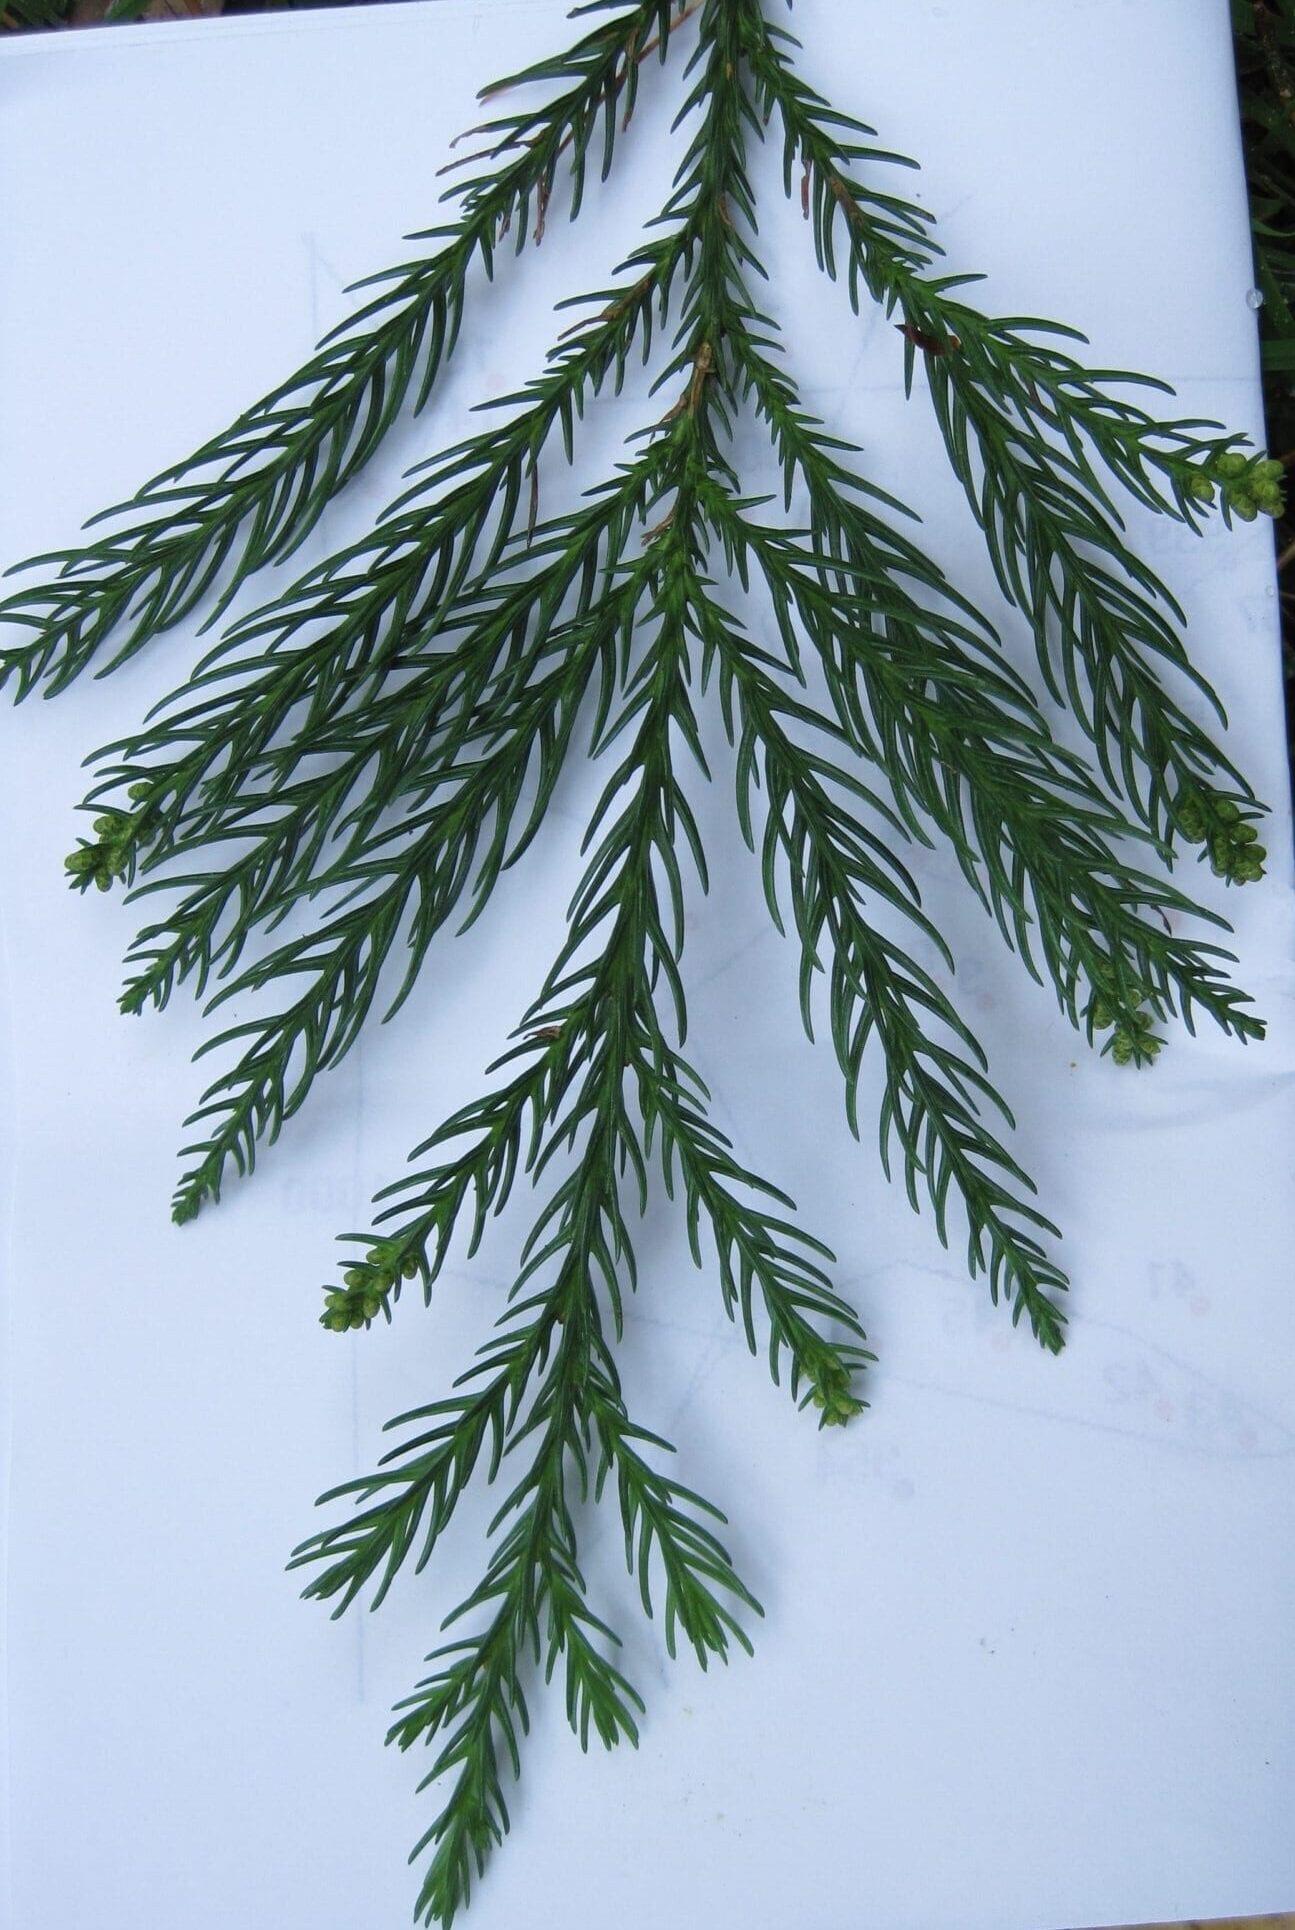 Japanese Red Cedar leaves